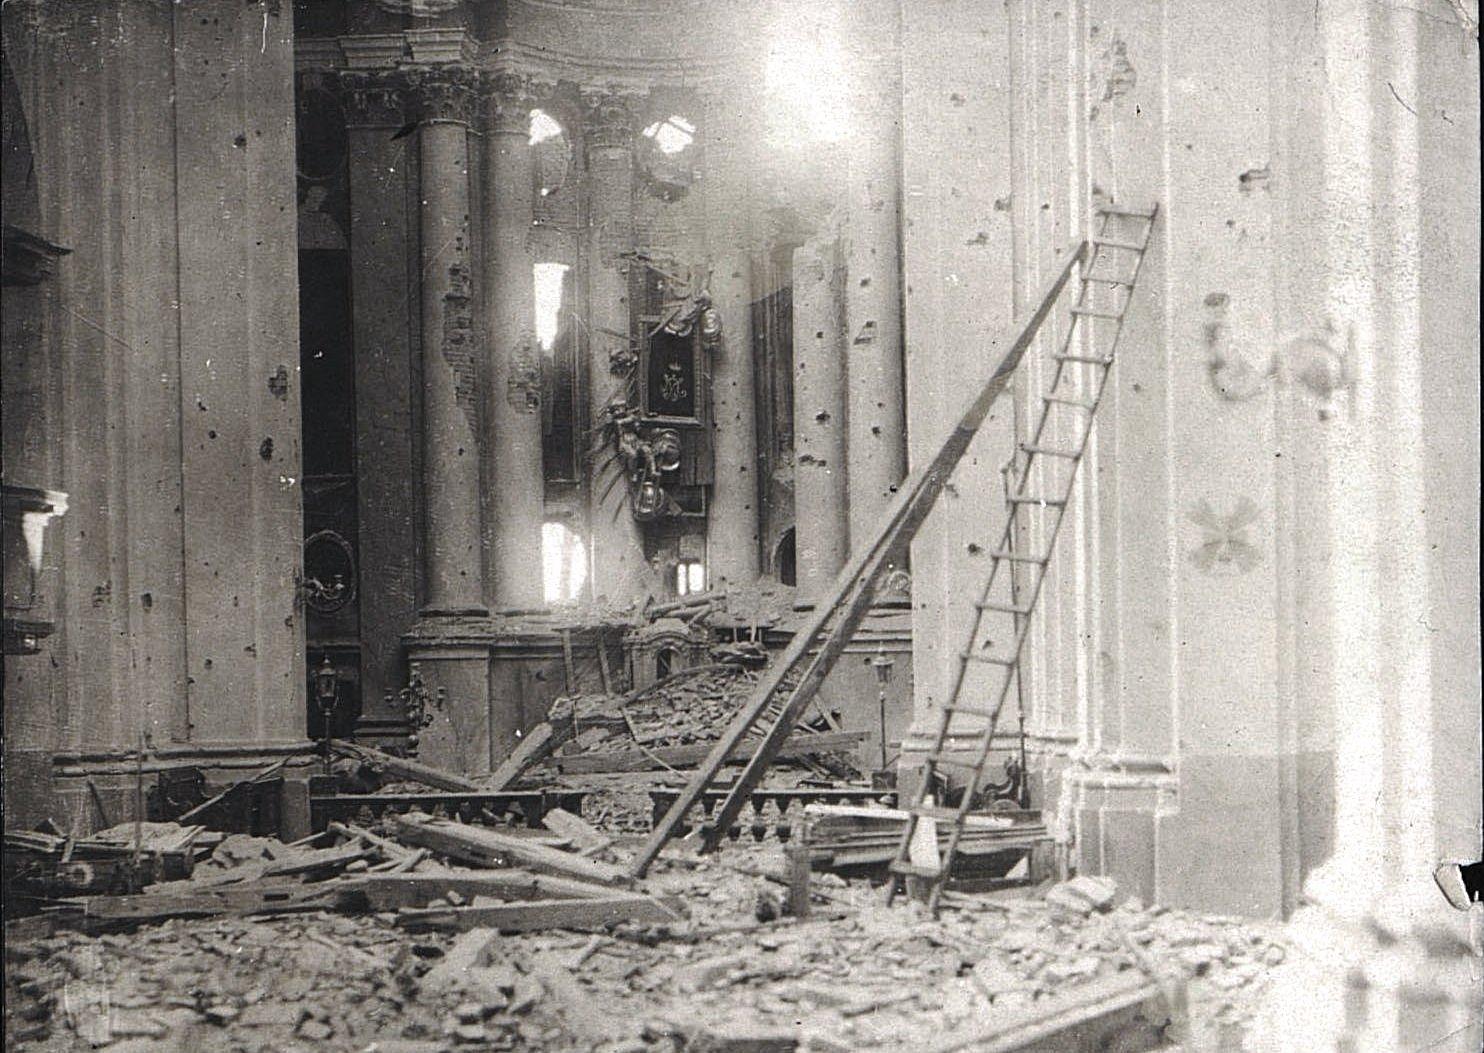 1914. Костёл, разрушенный немцами в начале I Мировой войны.Ракитское  (2)